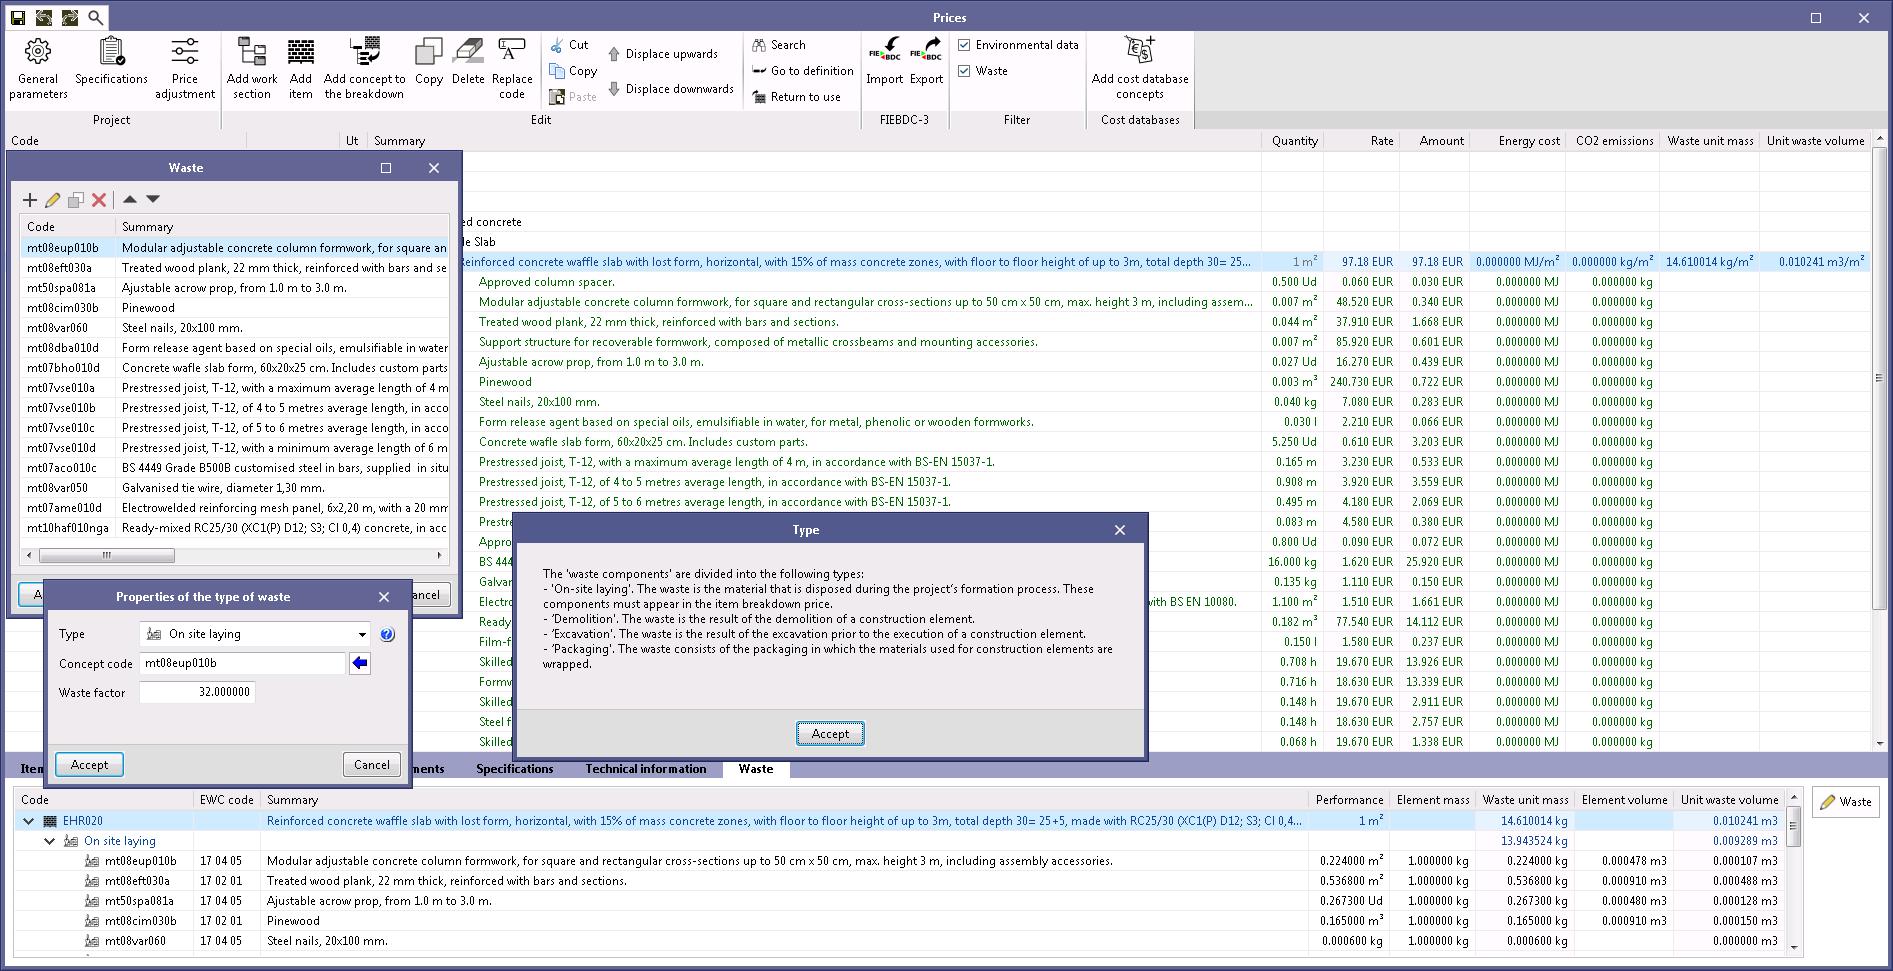 Open BIM Quantities e applicazioni con la scheda Computo